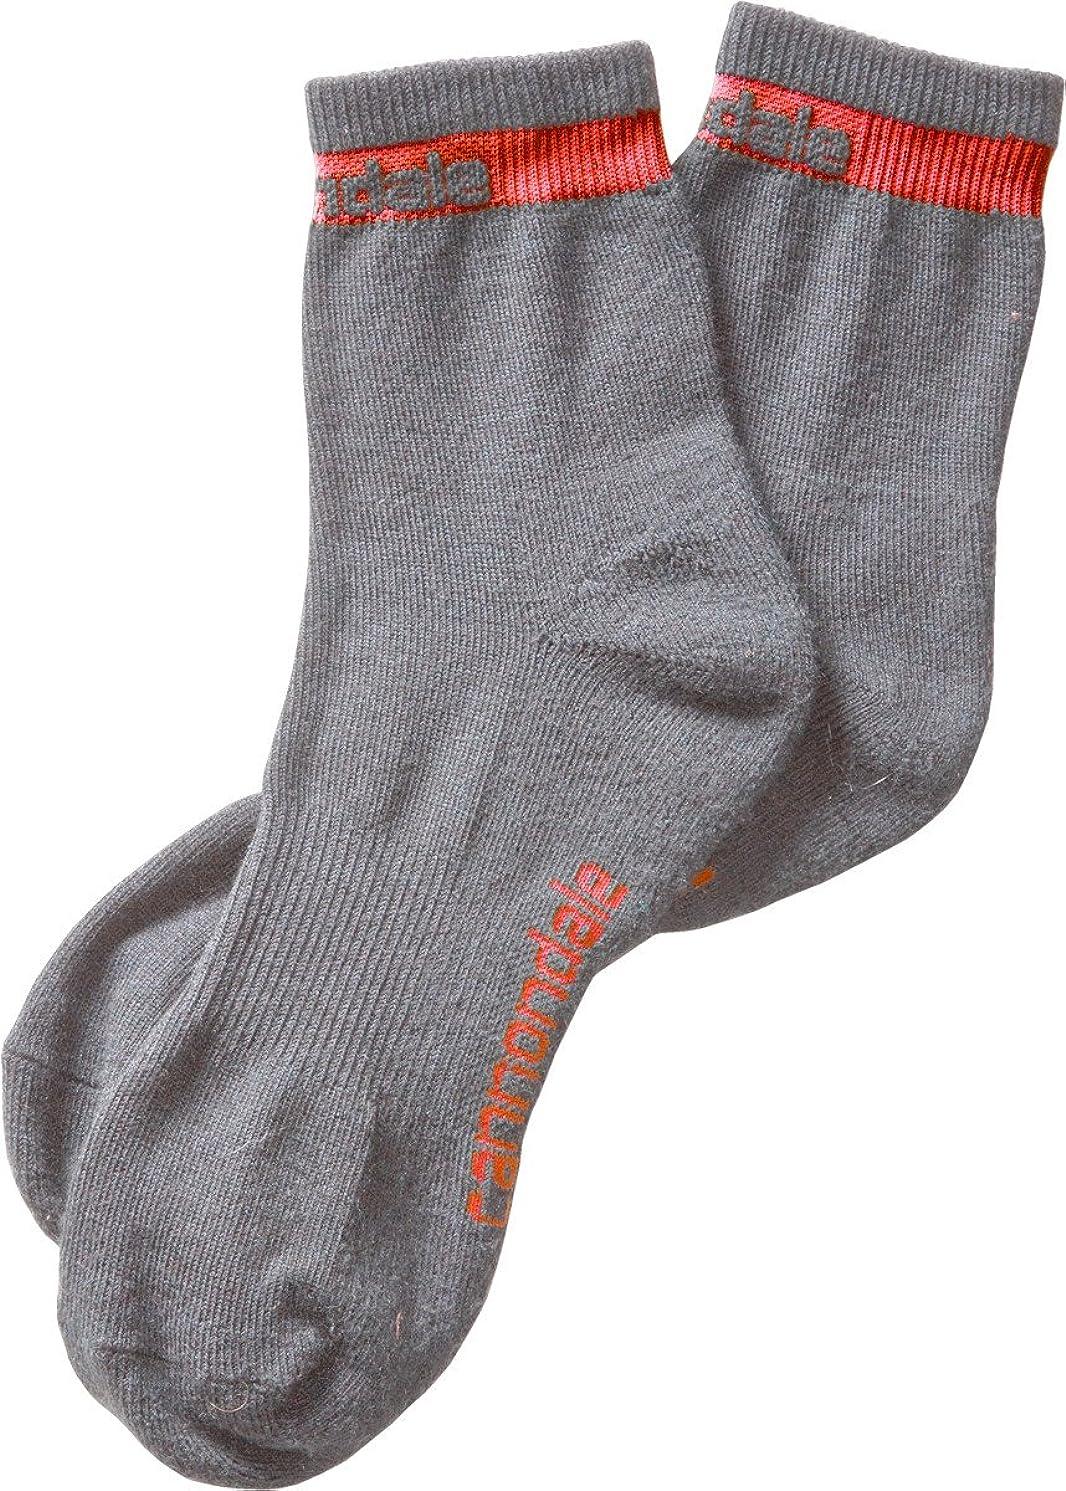 Cannondale Men's Lite Wool Socks